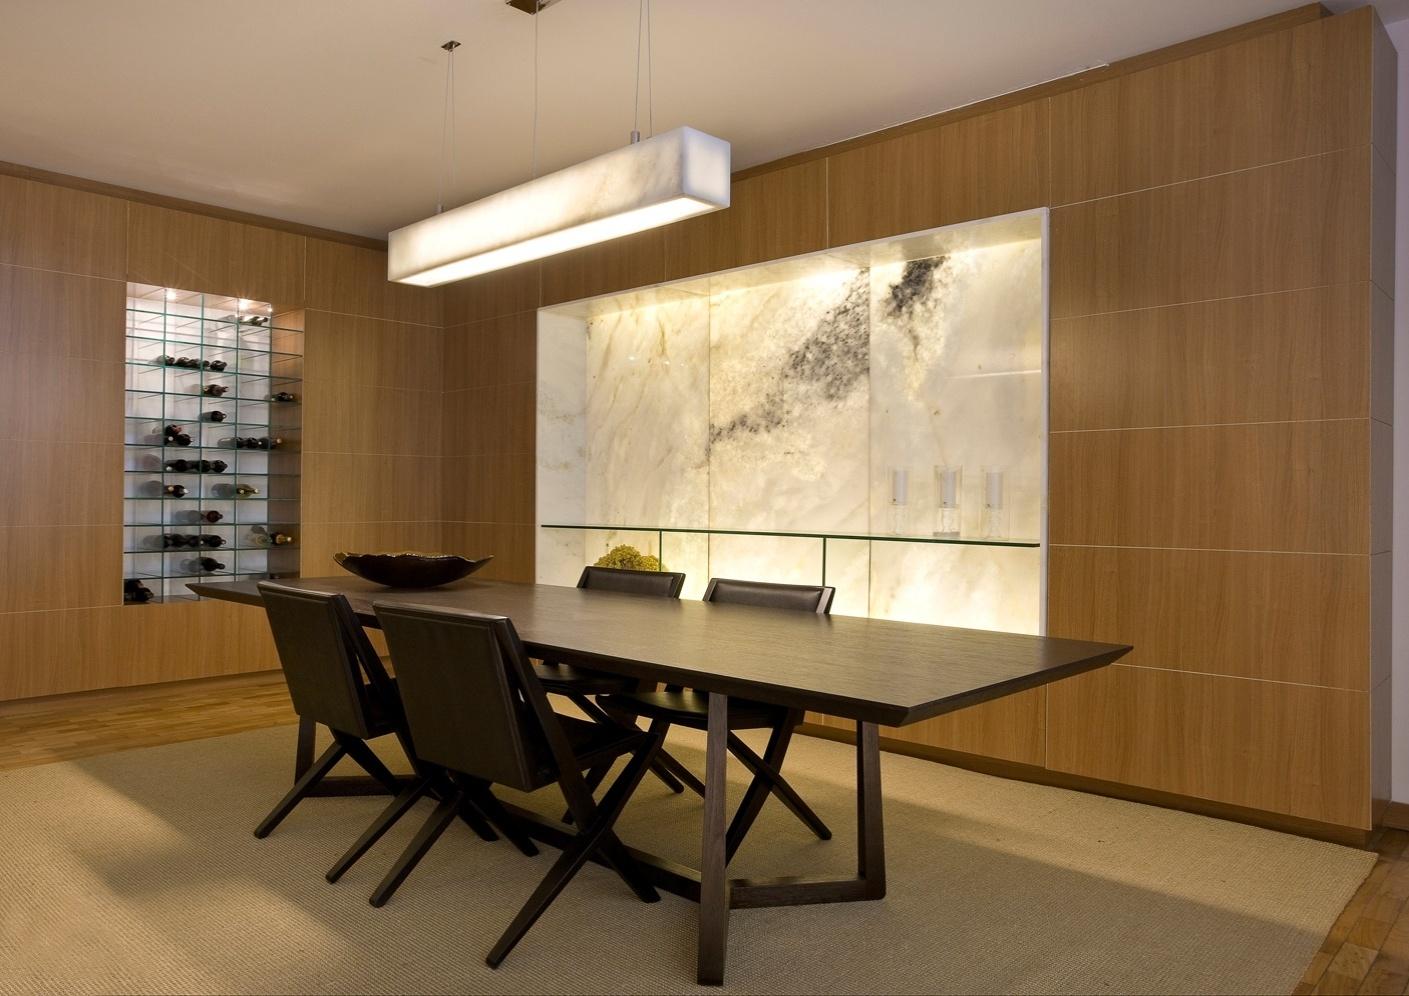 No projeto, assinado pela arquiteta Cristina Menezes, o que chama atenção é o nicho de mármore iluminado onde está acoplado o aparador de vidro e o louceiro embutido, que compõe com os móveis e o padrão amadeirado dos módulos de MDP, levando requinte ao ambiente. O outro nicho também tem prateleiras de vidro que abrigam garrafas